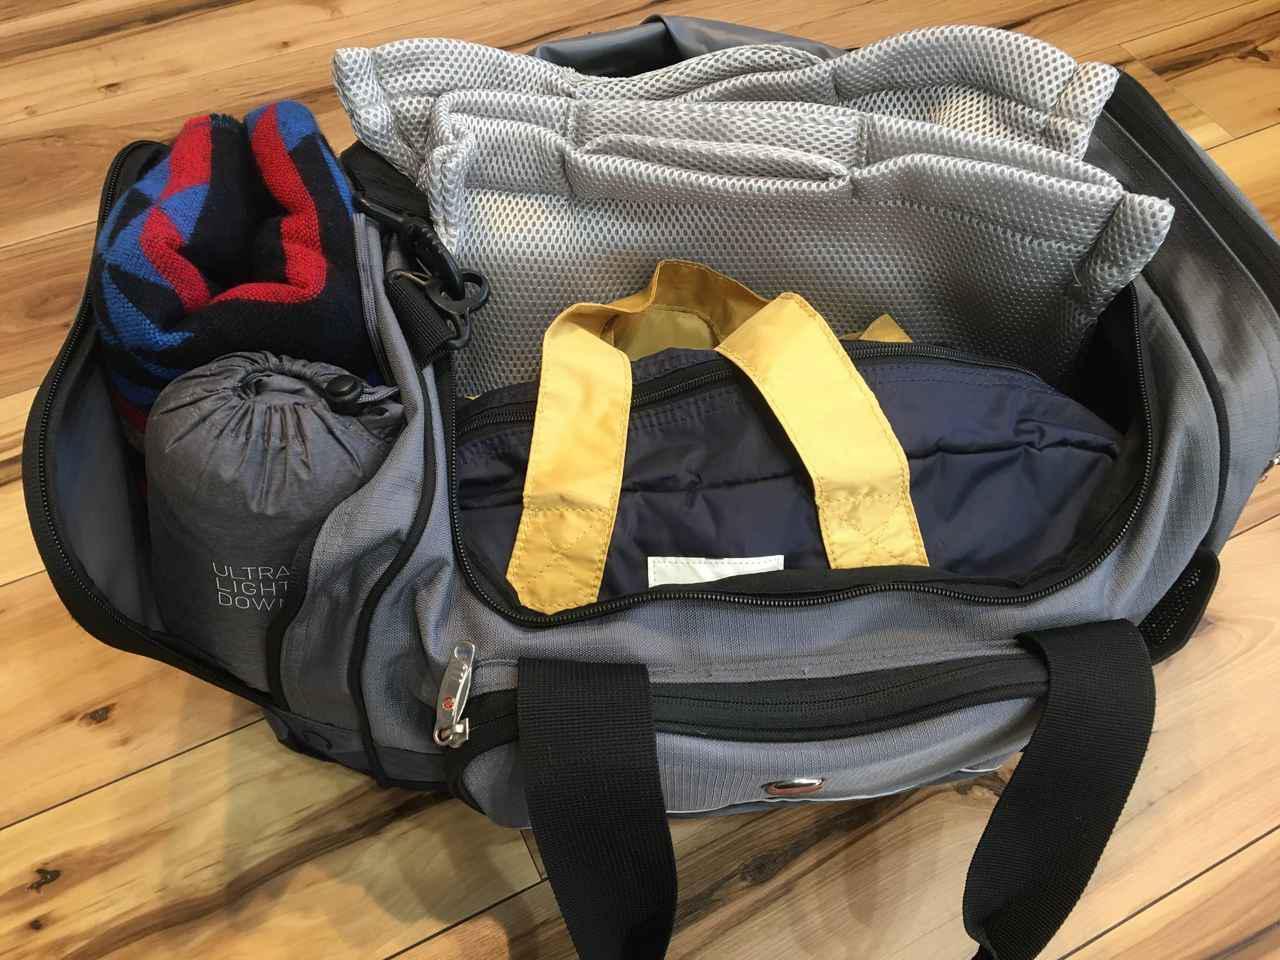 画像: 【キャンプ荷造り】衣類・洗面用具の裏技メソッドを大公開! 持ち運びに便利なバッグに収納 - ハピキャン(HAPPY CAMPER)